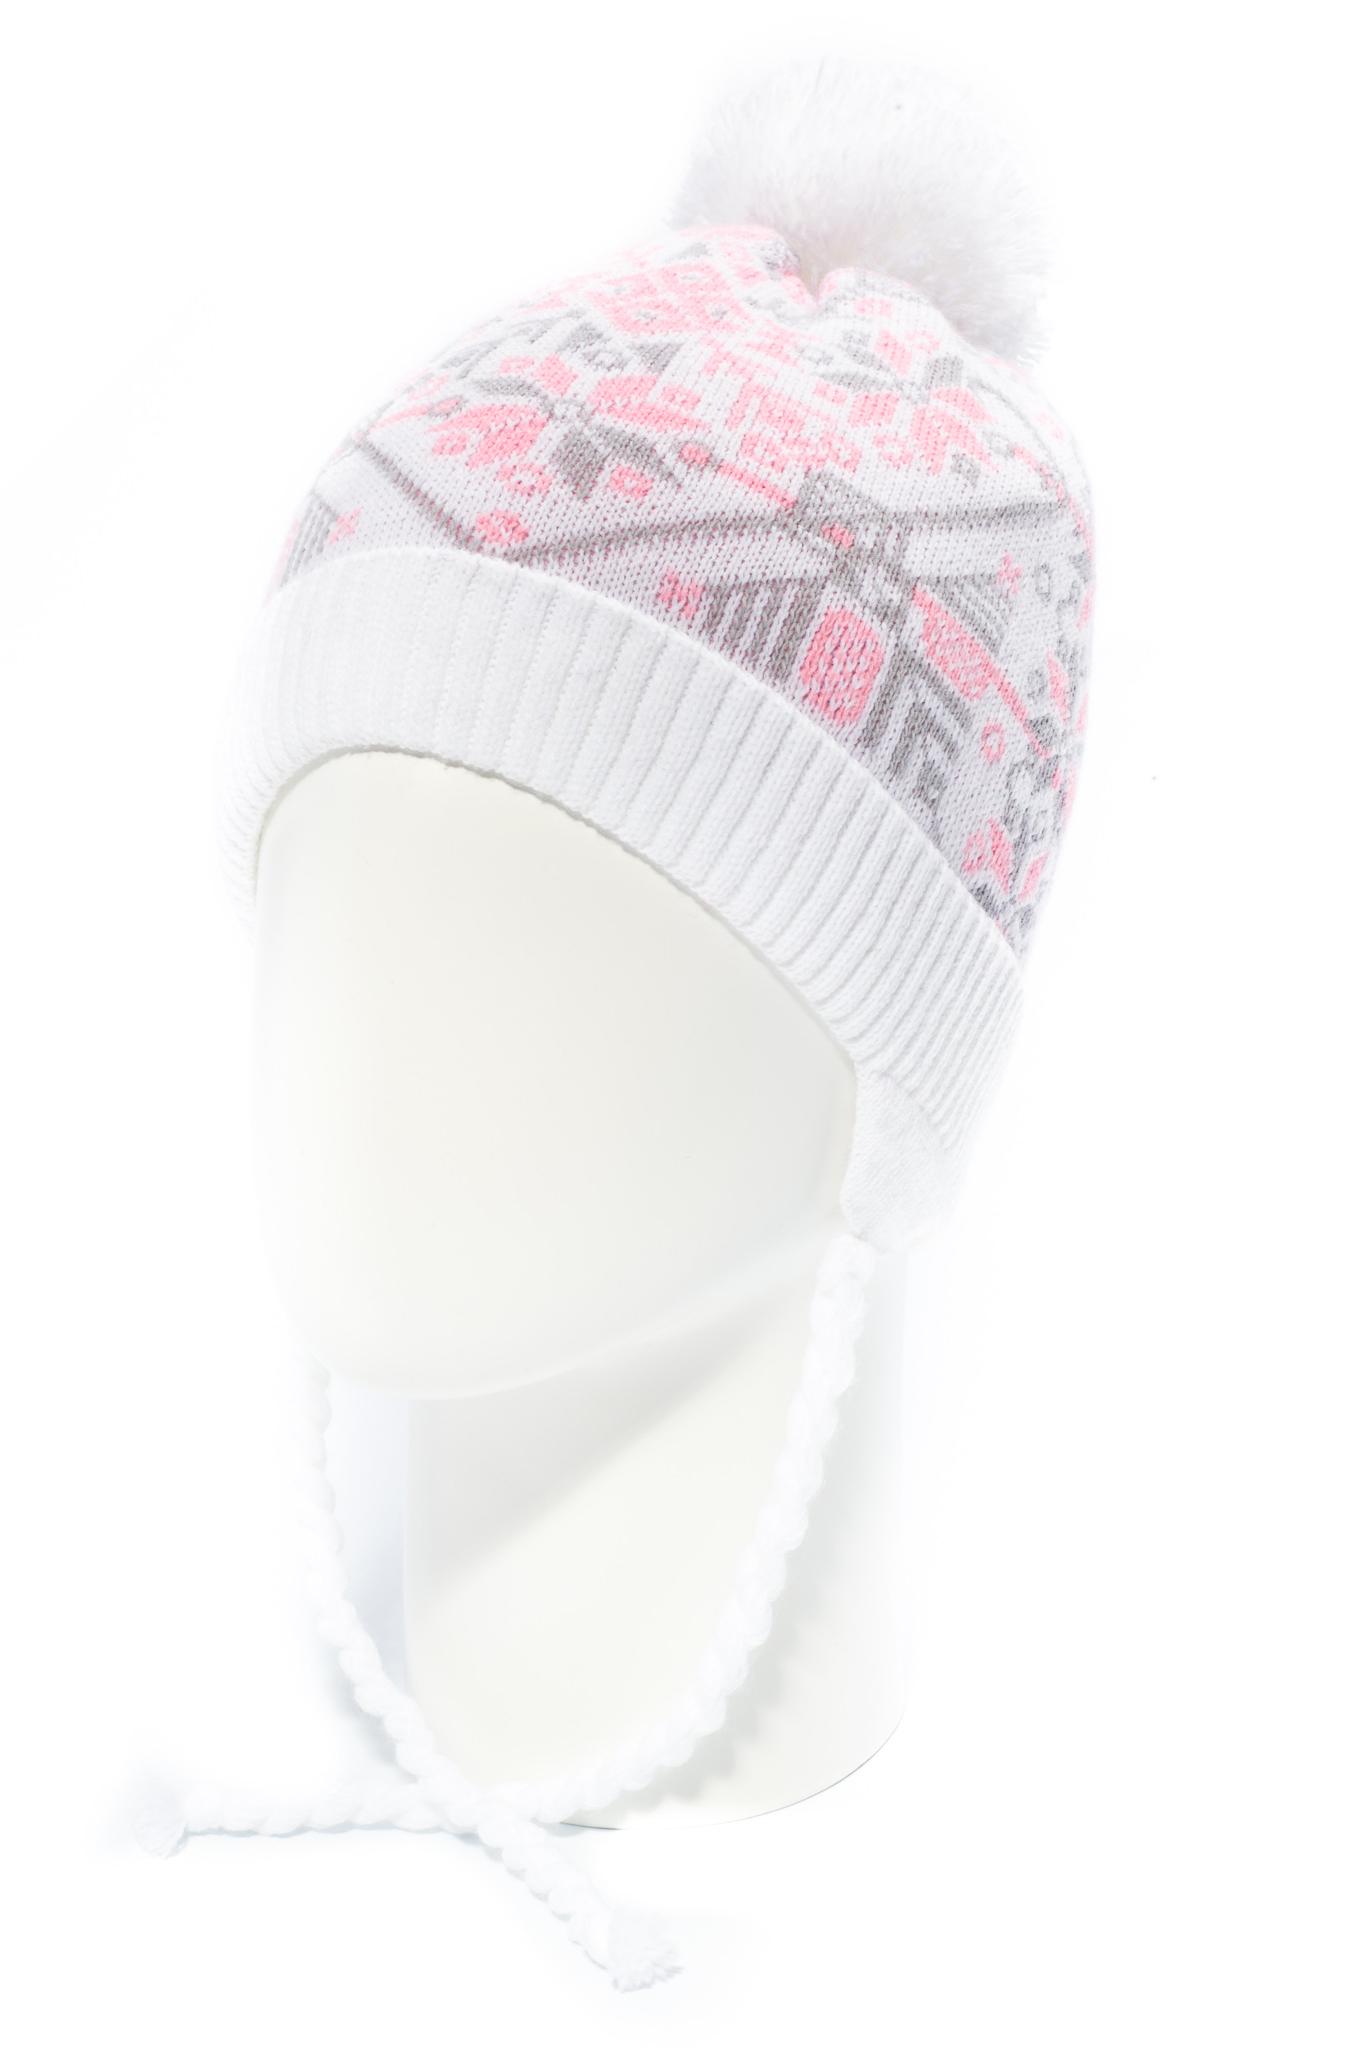 ШапкаГоловные уборы<br>Шапка с помпоном для девочки защитит Вашего ребенка от непогоды и поднимет настроение.  Размер равен обхвату головы в сантиметрах.  Цвет: белый и др.<br><br>По сезону: Зима<br>Размер : 48-52<br>Материал: Вязаное полотно<br>Количество в наличии: 1